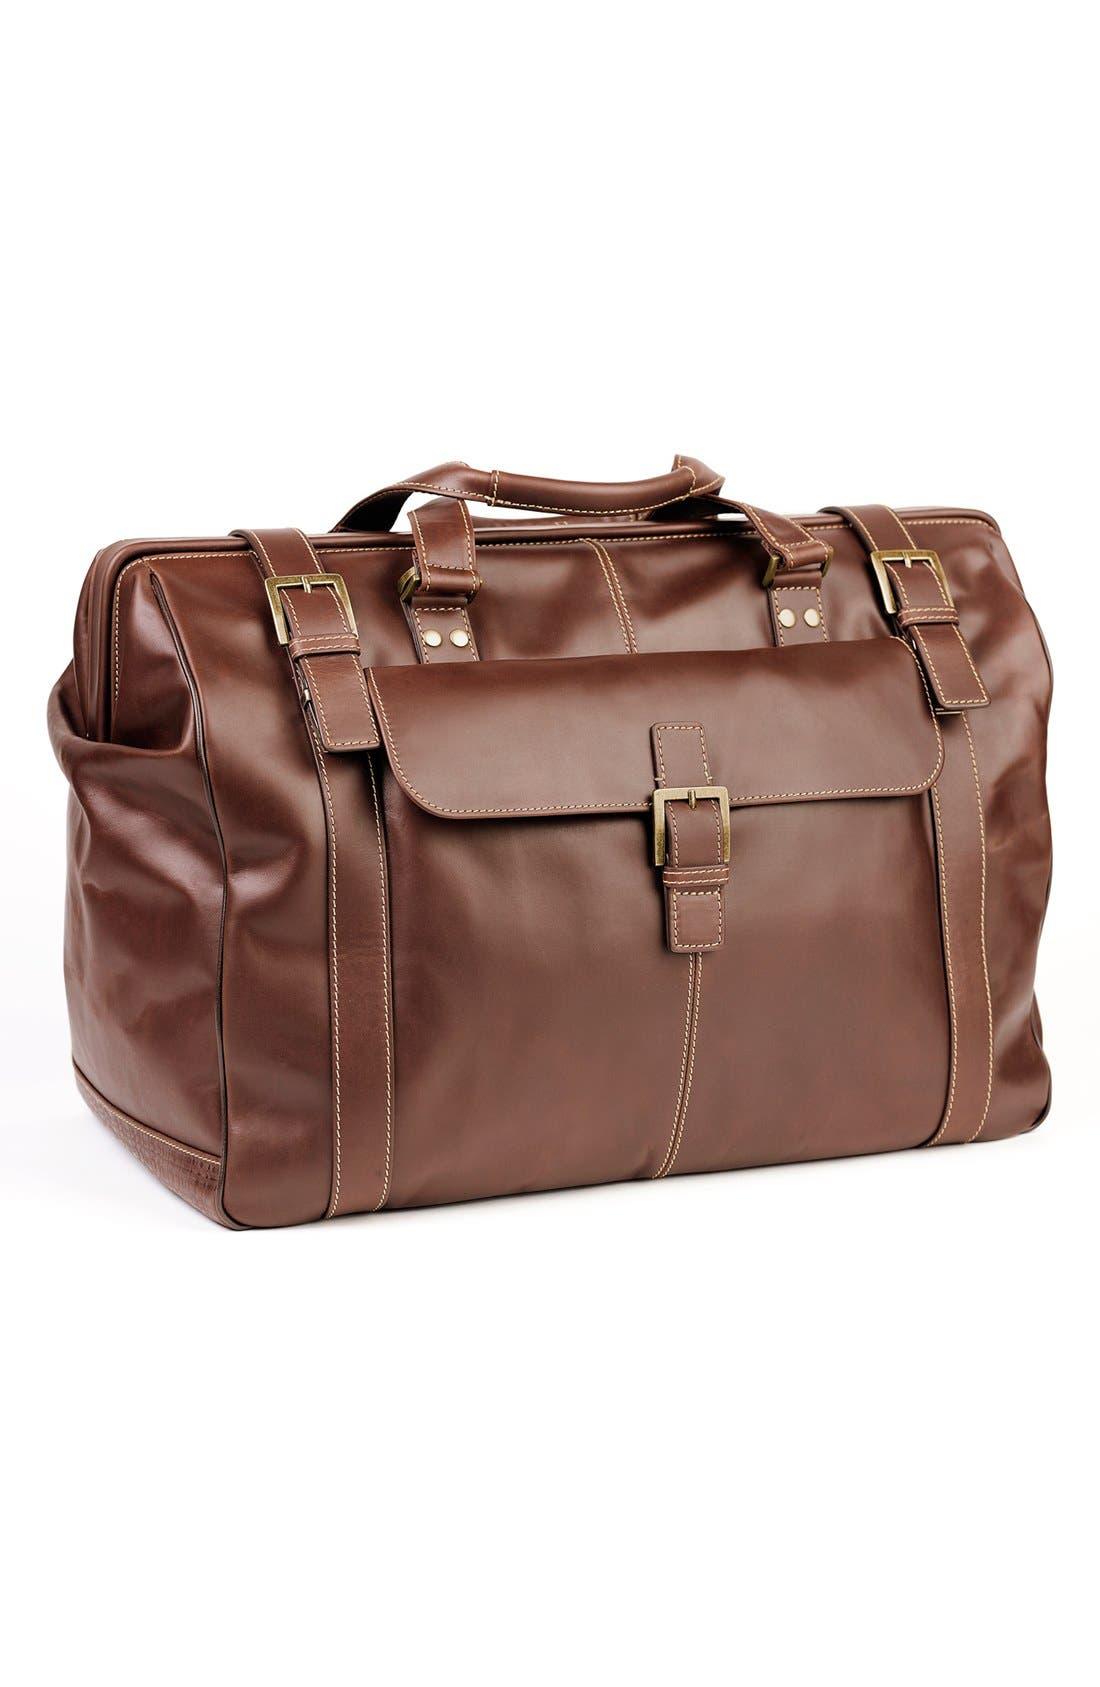 Alternate Image 1 Selected - Boconi 'Bryant' Duffel Bag